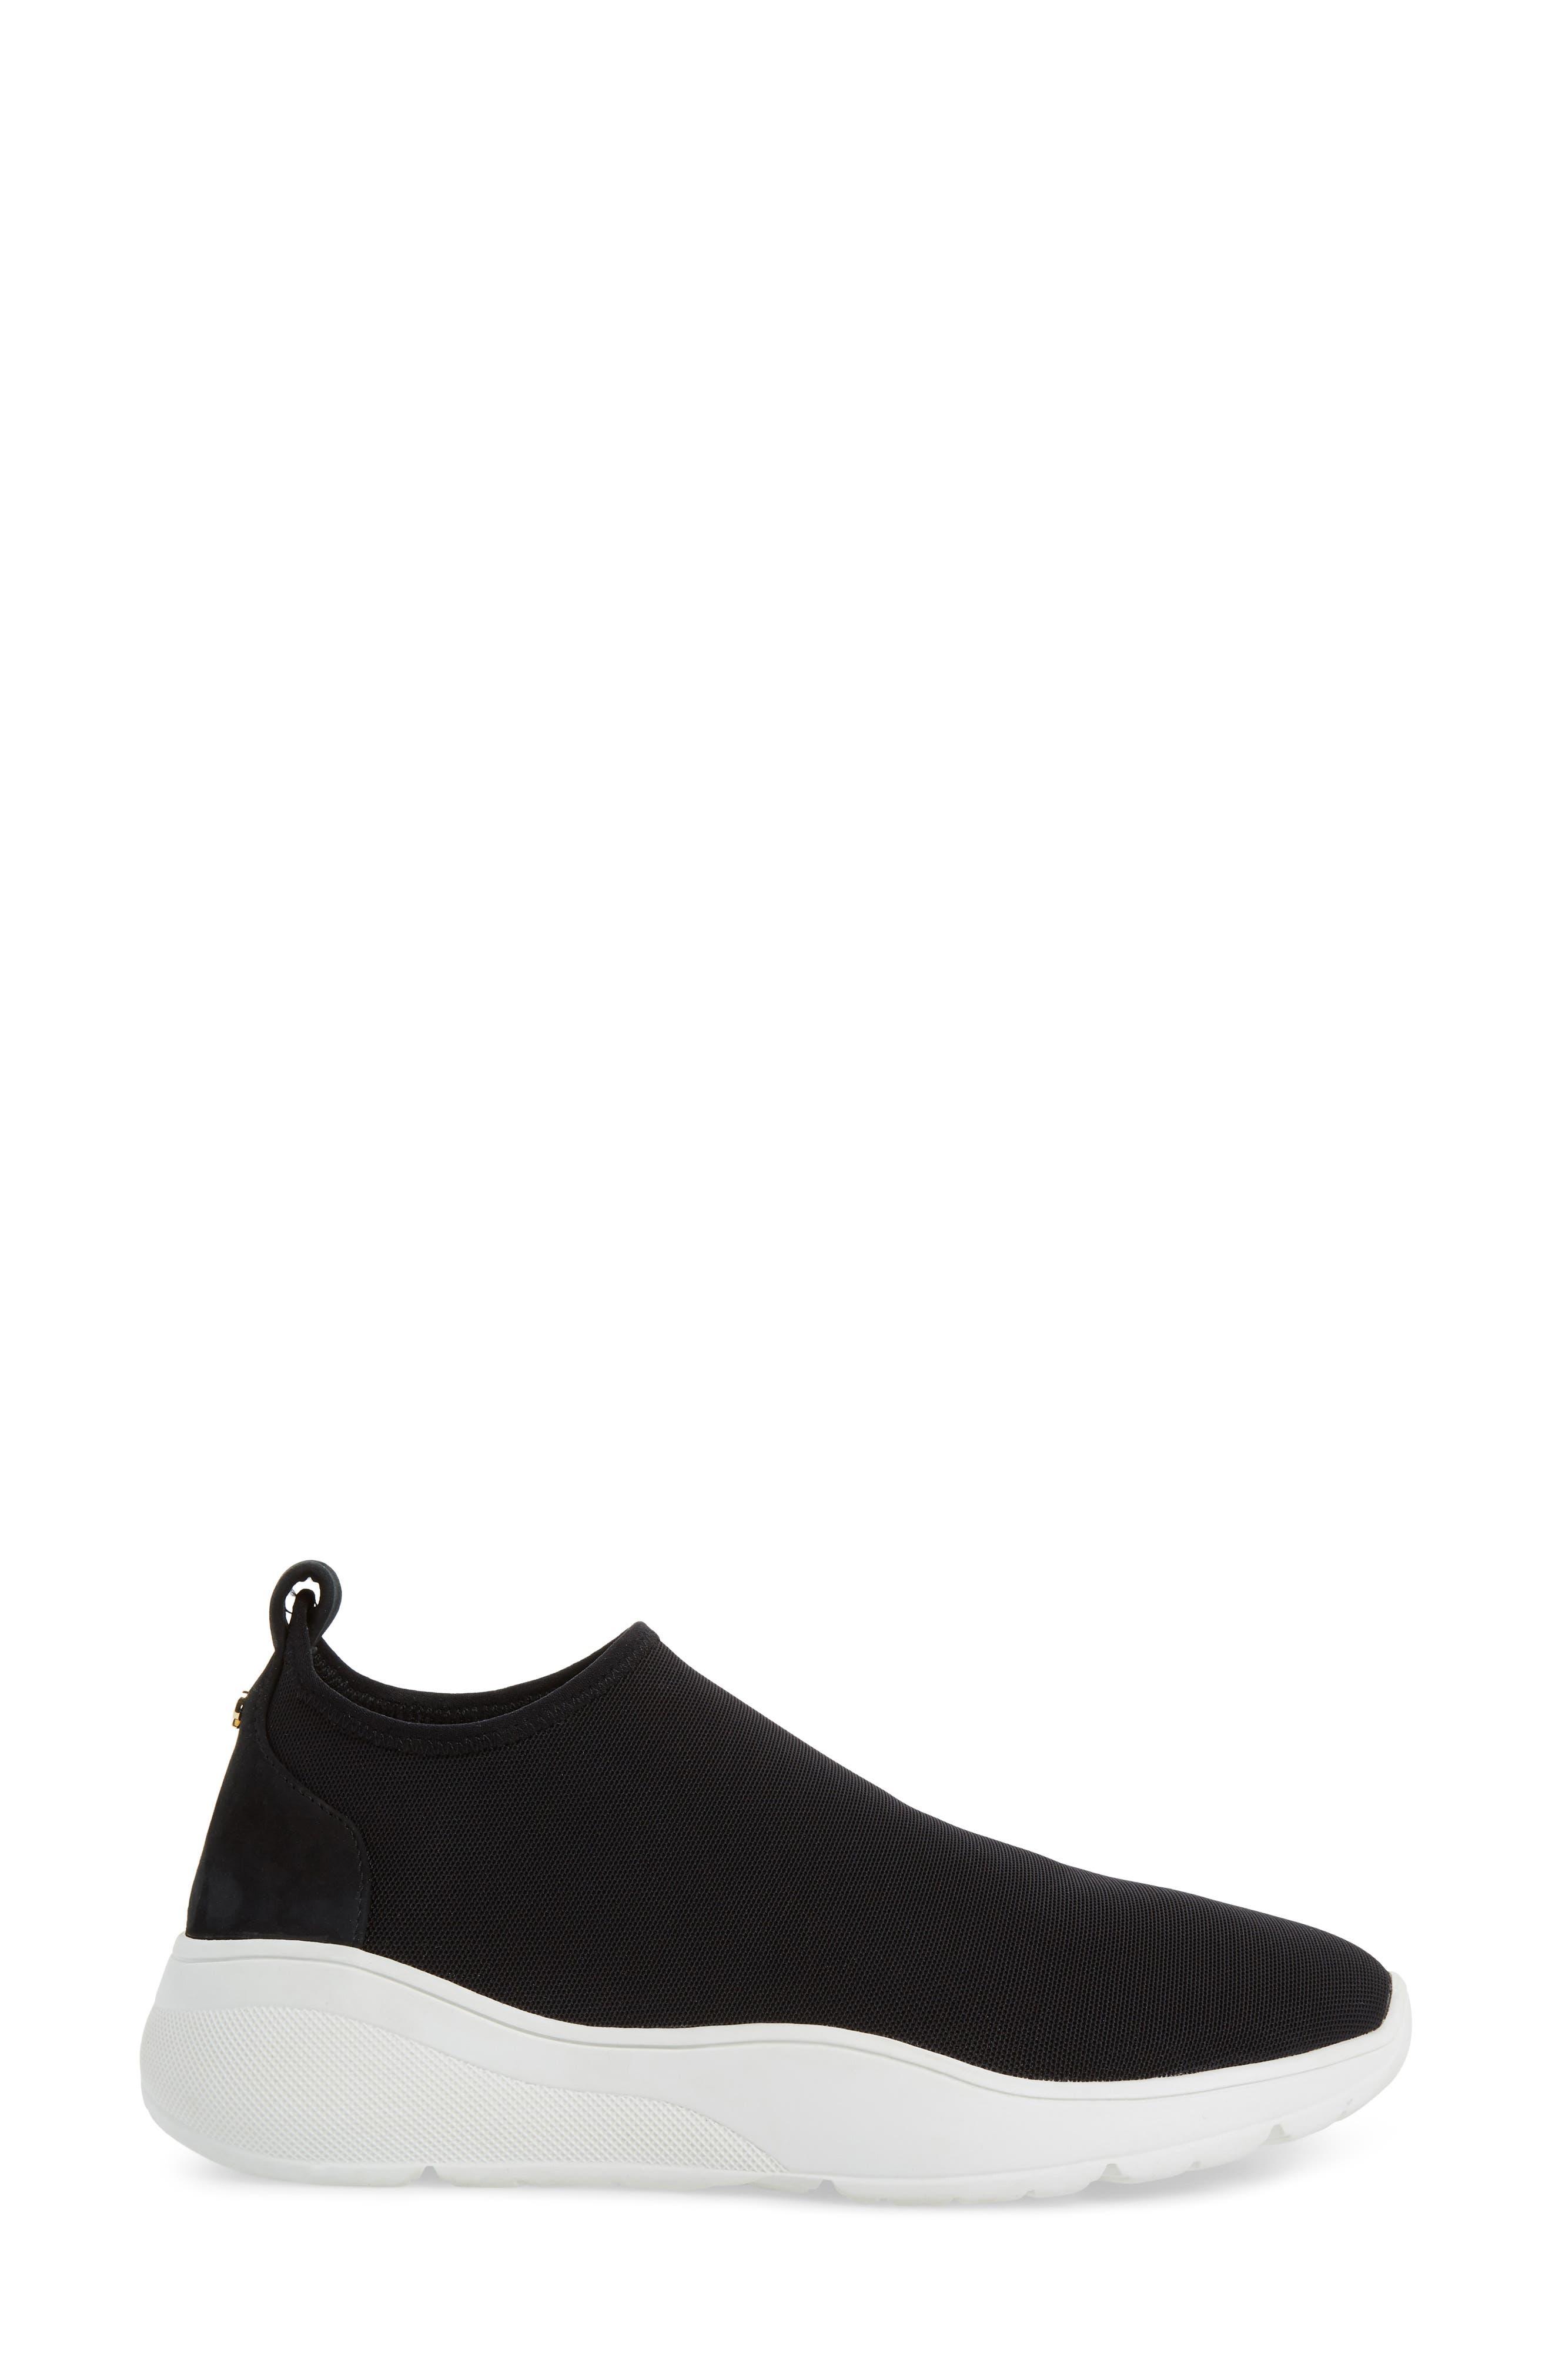 KATE SPADE NEW YORK,                             bradlee slip-on sneaker,                             Alternate thumbnail 3, color,                             001